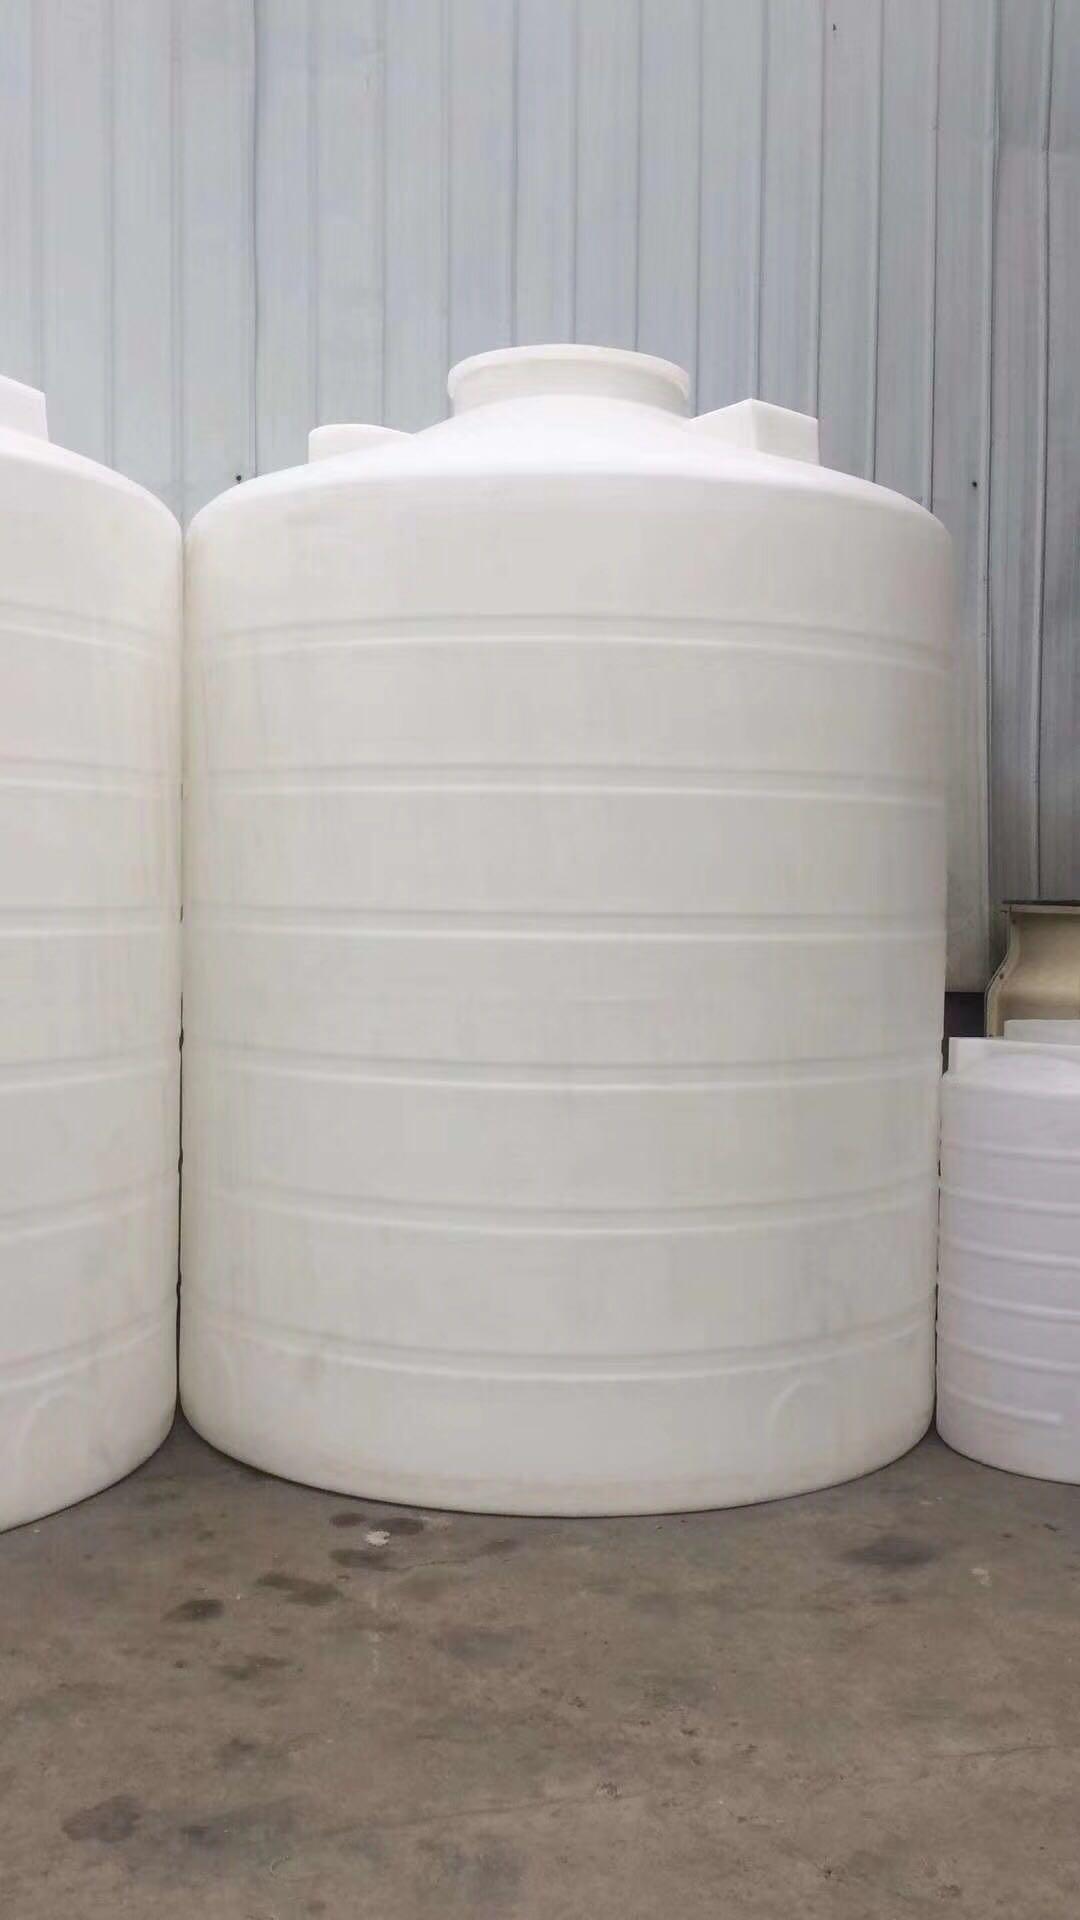 自貢塑料水箱 1